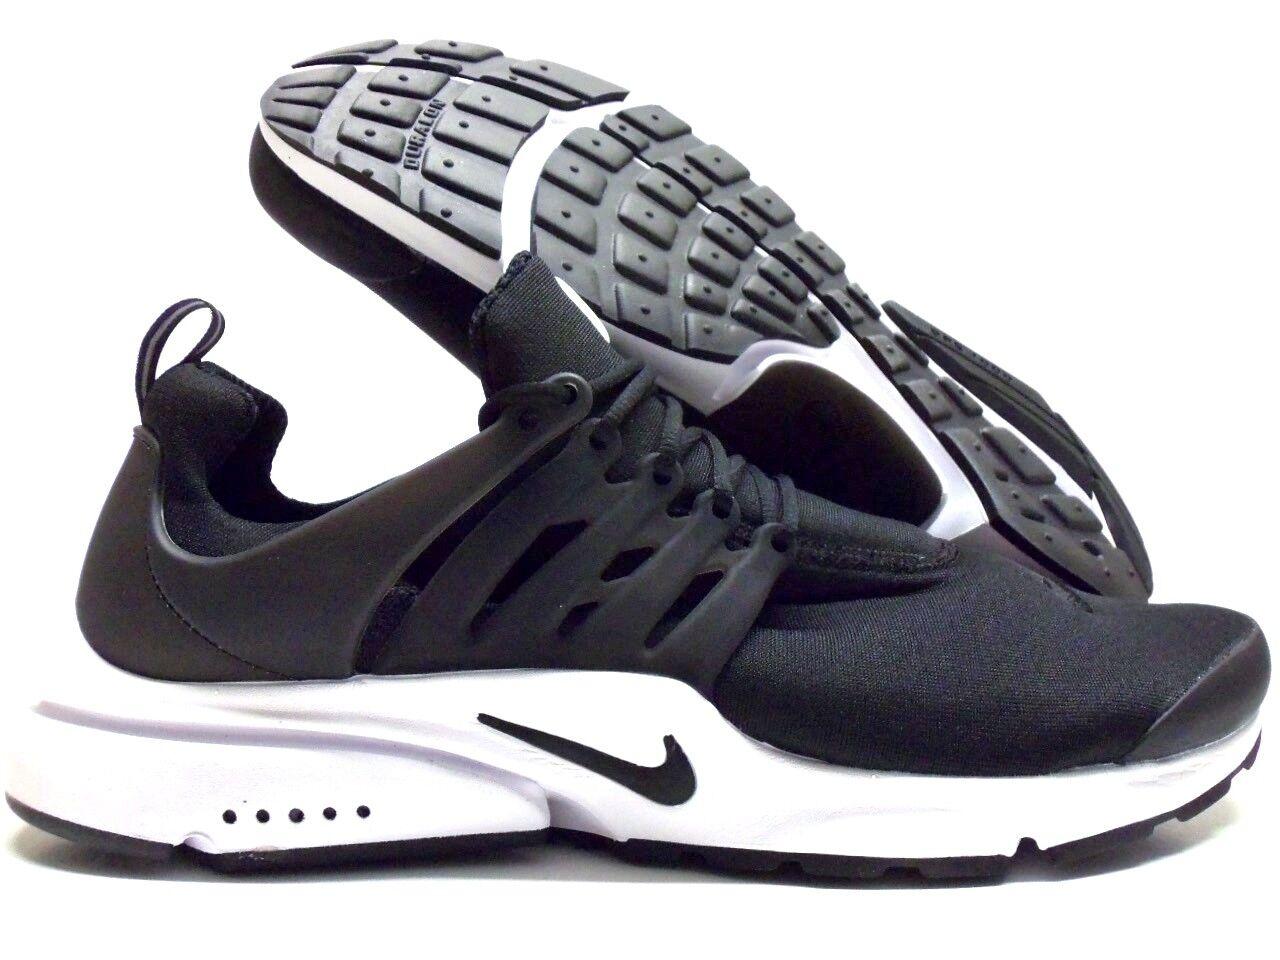 Nike Air Max 1 Premium Size 11 Mini Swoosh Pure Platinum 875844 006